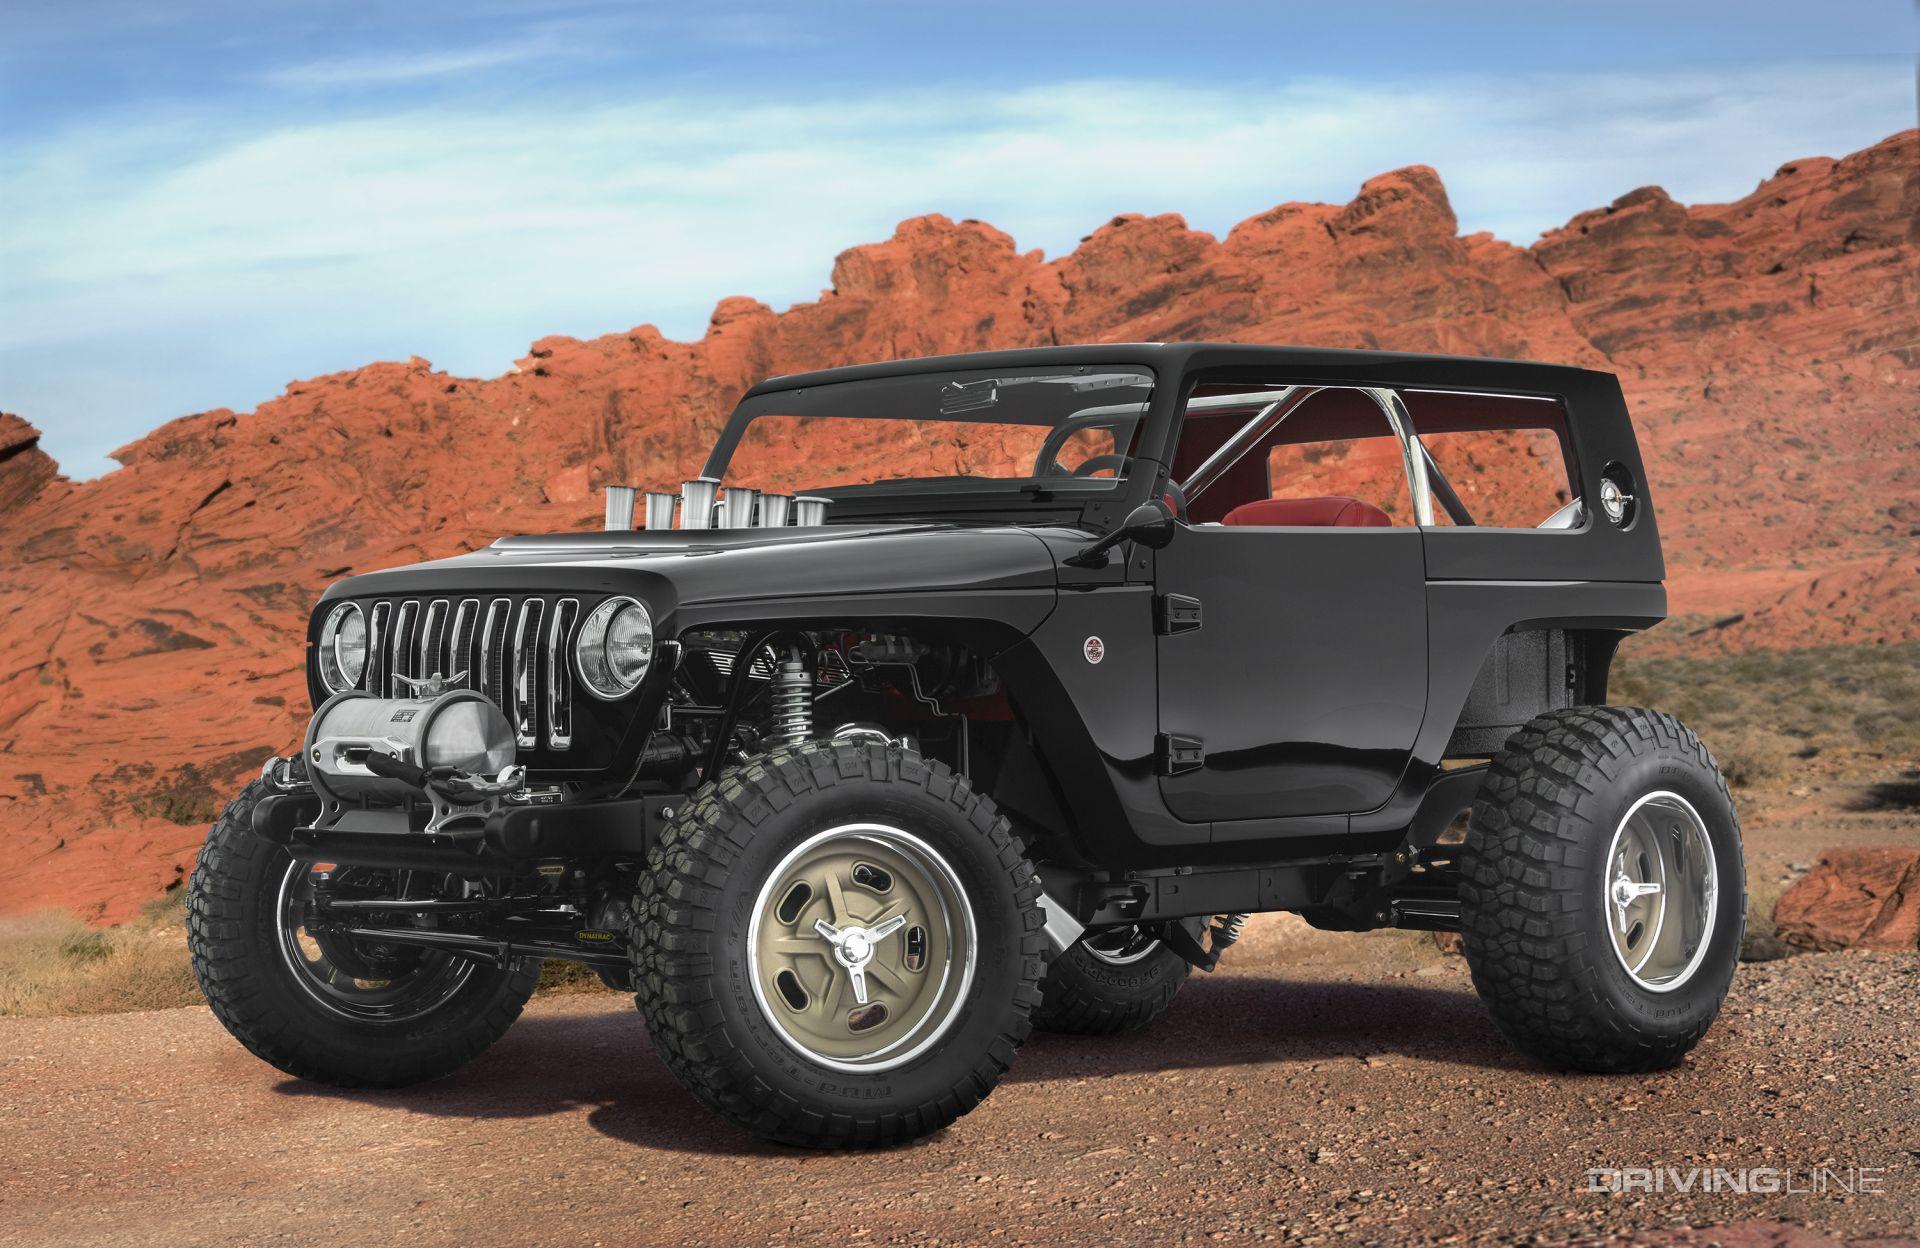 2017 Jeep Concept Vehicles >> Unveiled: 2017 Jeep Concept Vehicles | DrivingLine